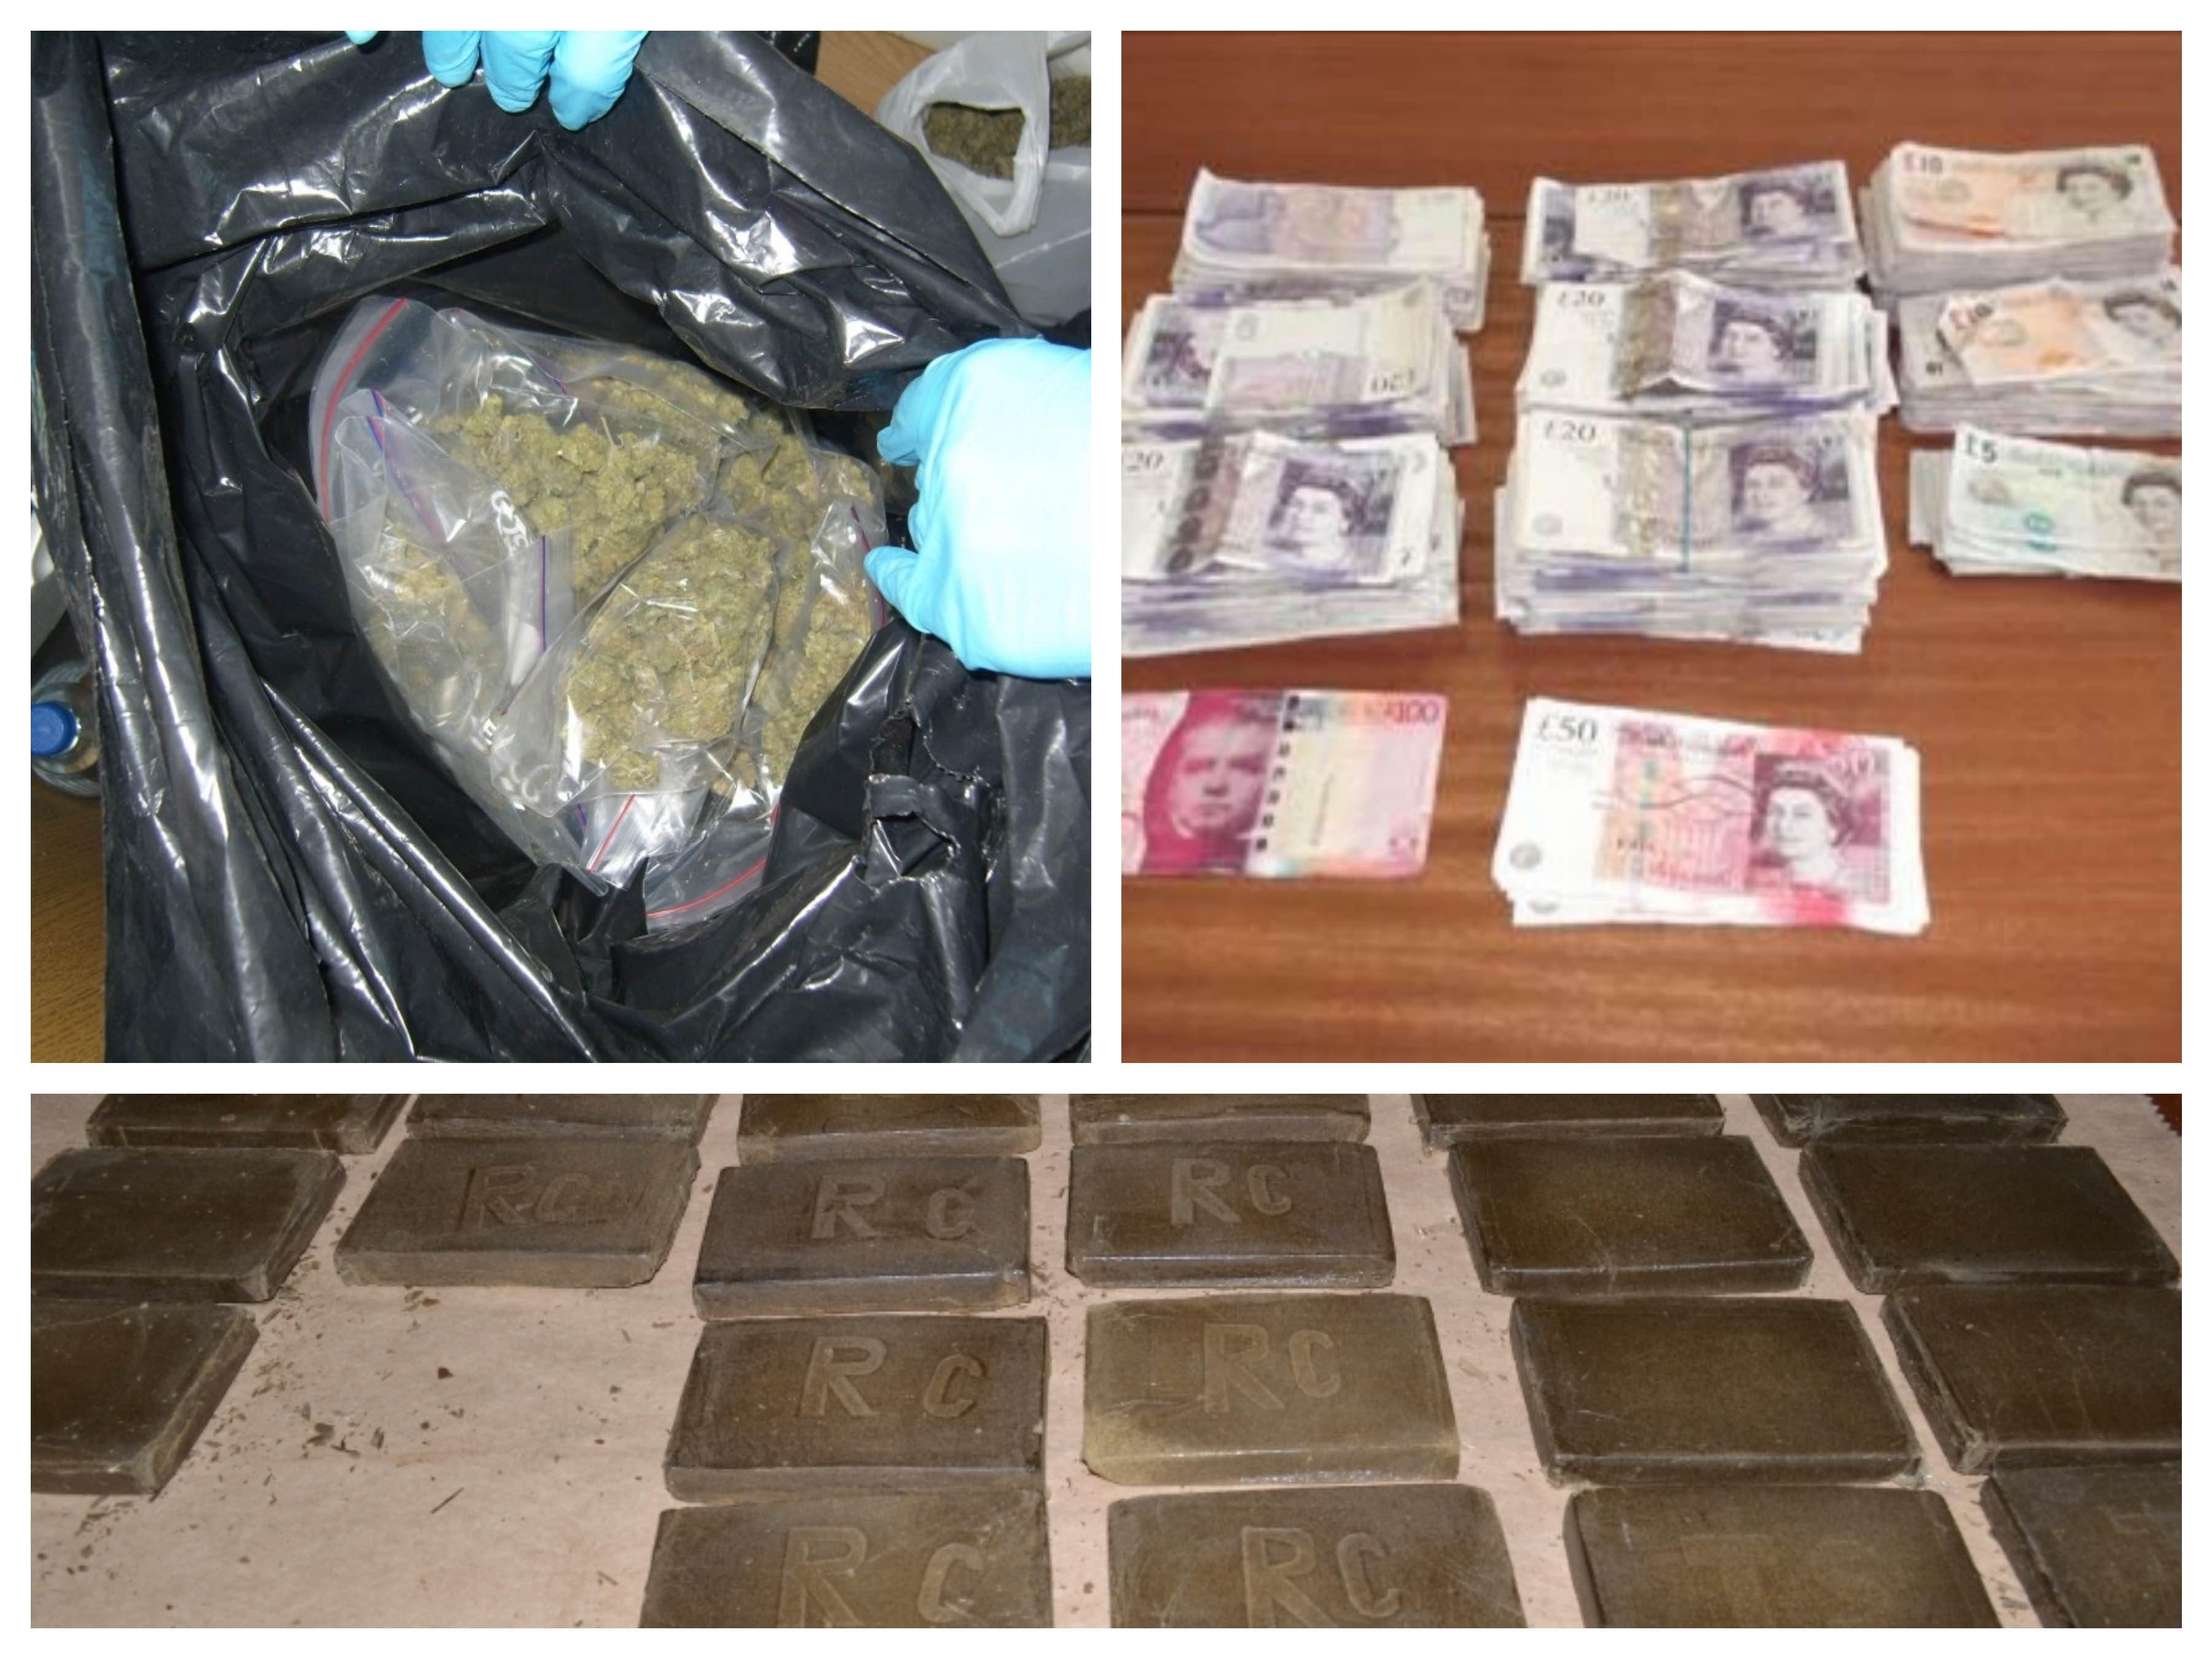 Derbyshire Drugs Gang